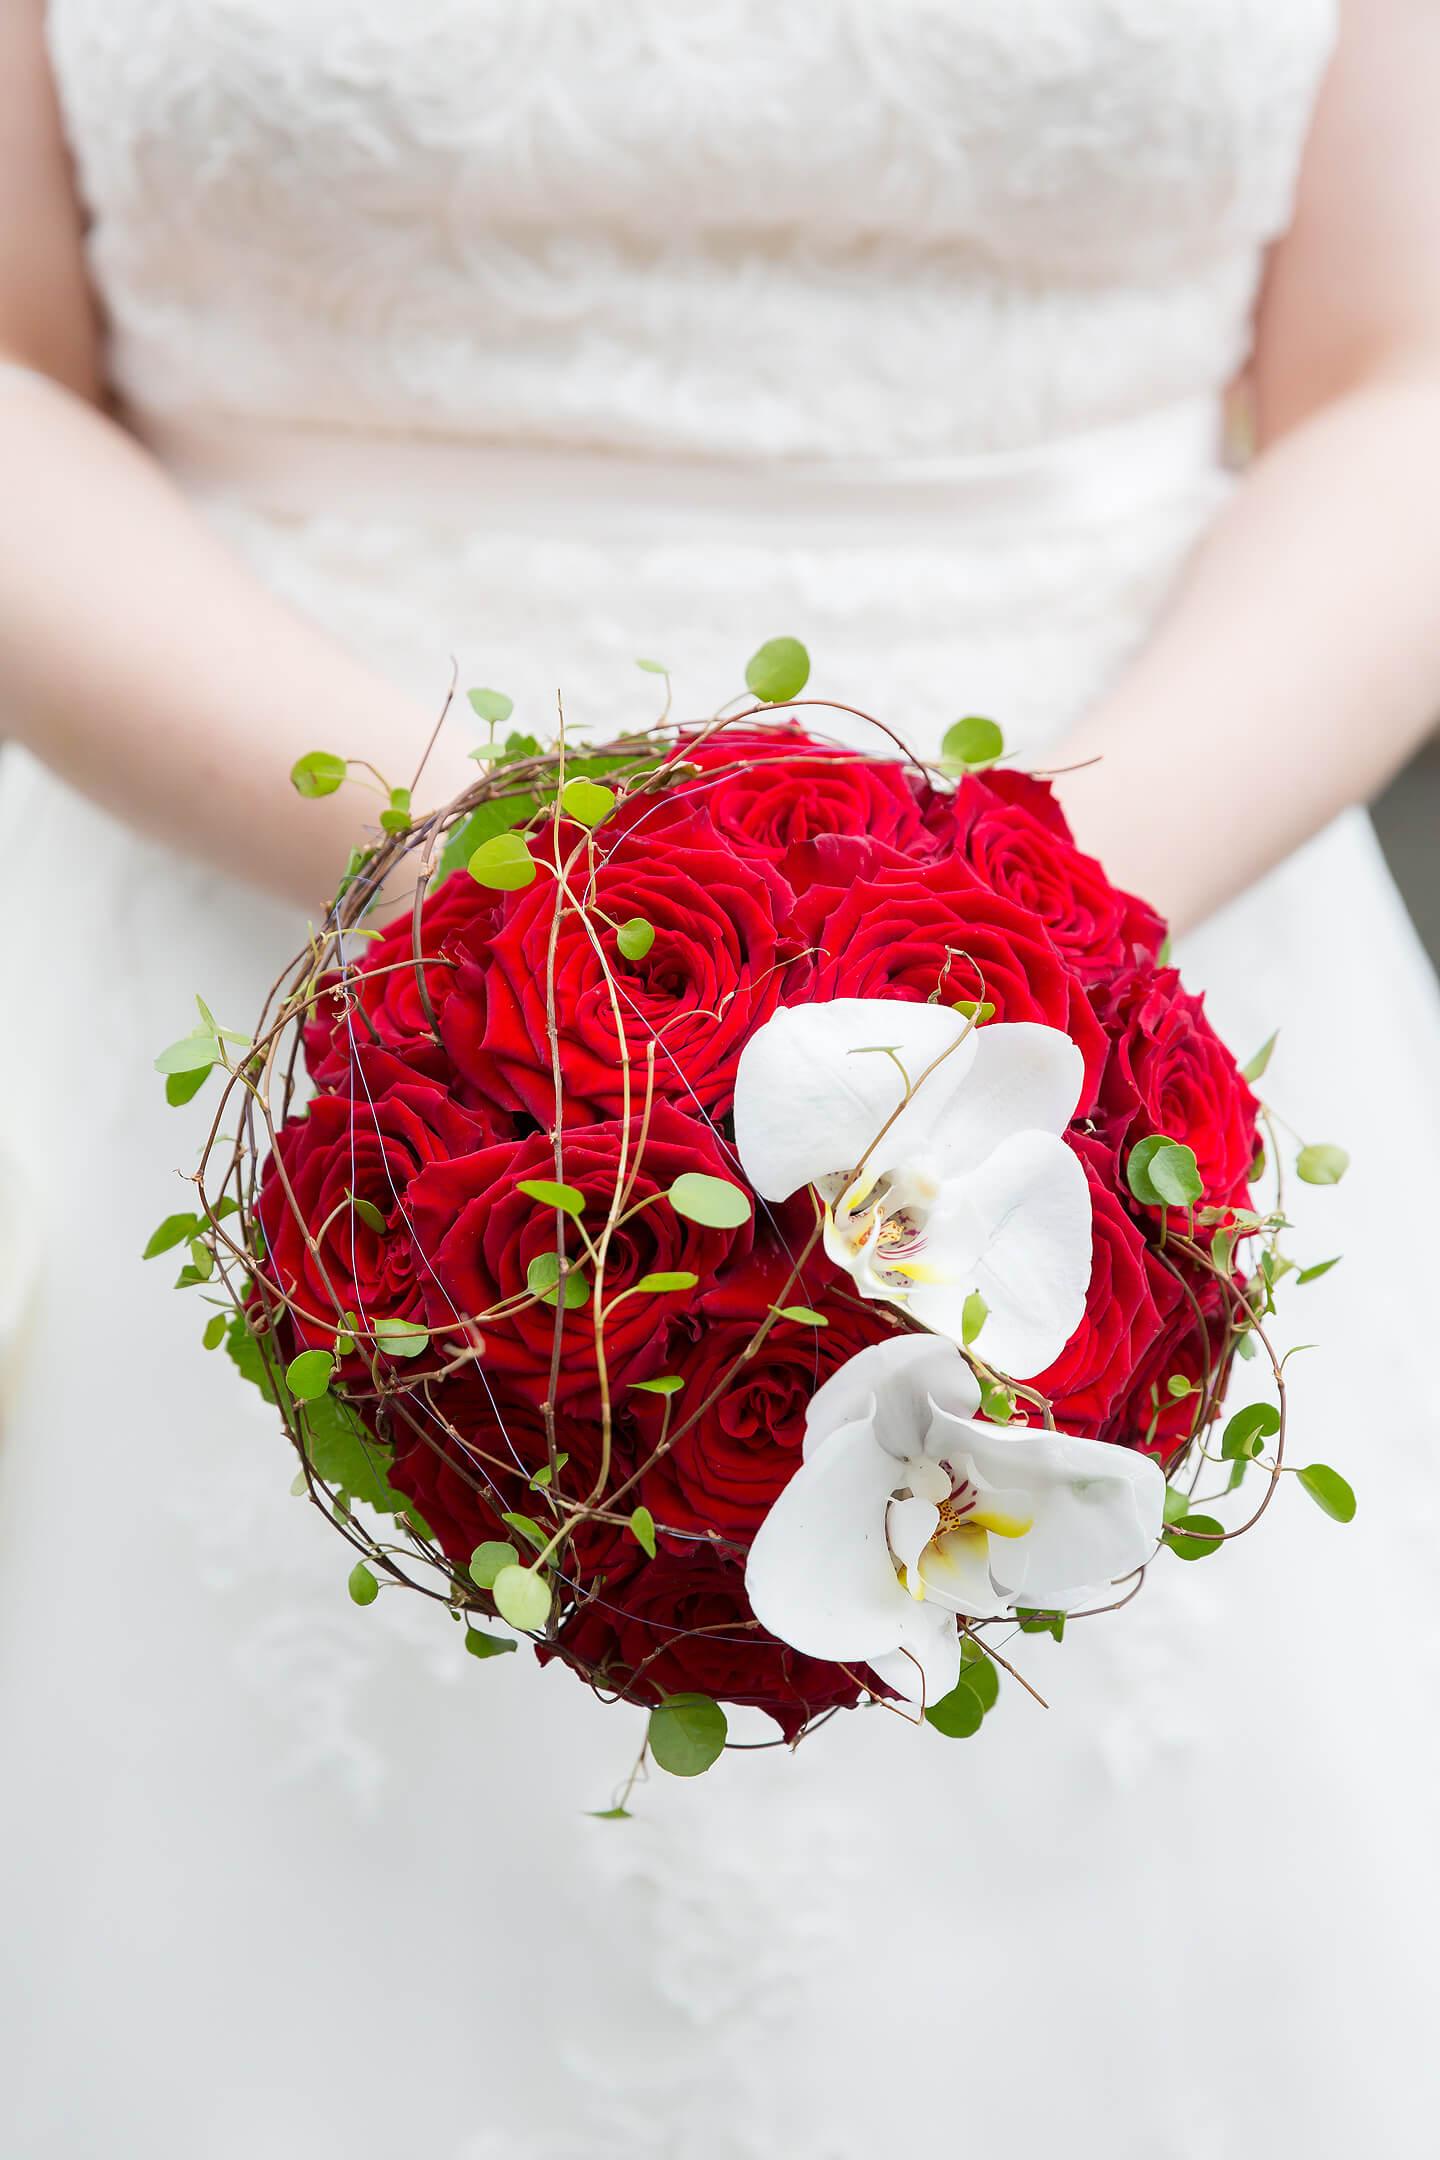 Der Hochzeitstrauss gehört zu jeder Hochzeitsreportage dazu